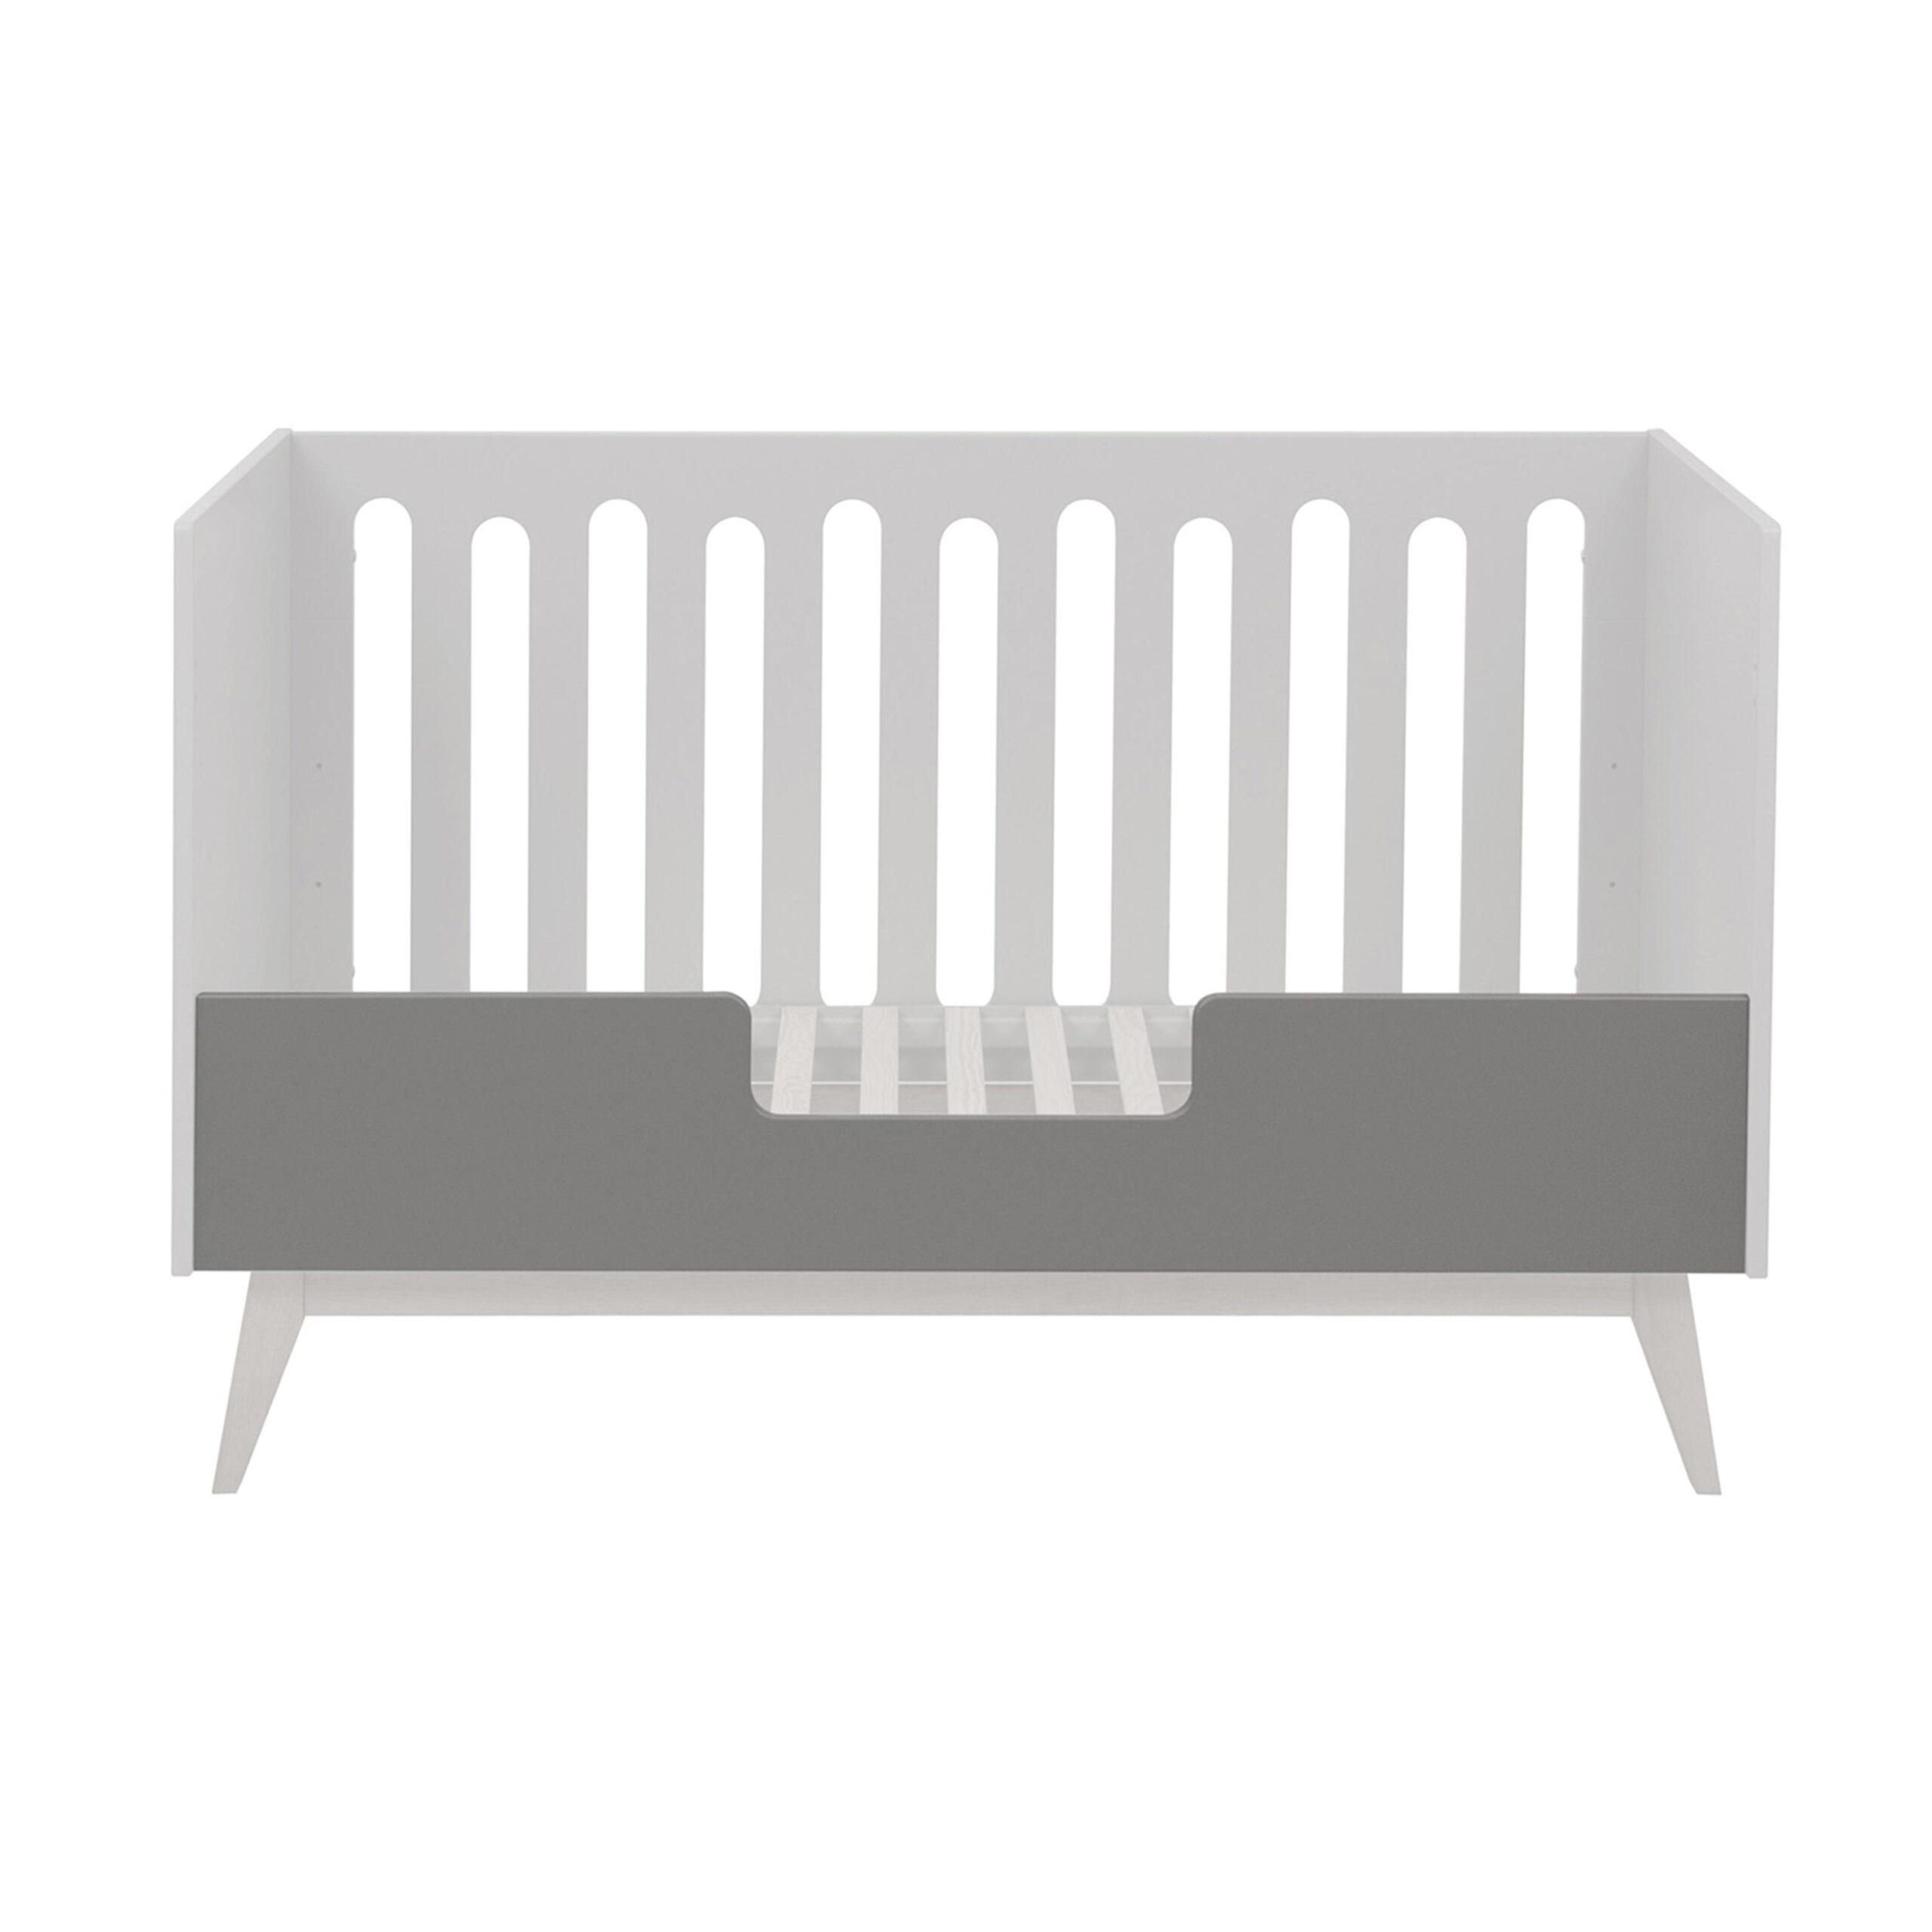 Full Size of Quatrendy Rausfallschutz Fr Kinderbett 70x140 Cm Küche Selbst Zusammenstellen Bett Wohnzimmer Rausfallschutz Selbst Gemacht